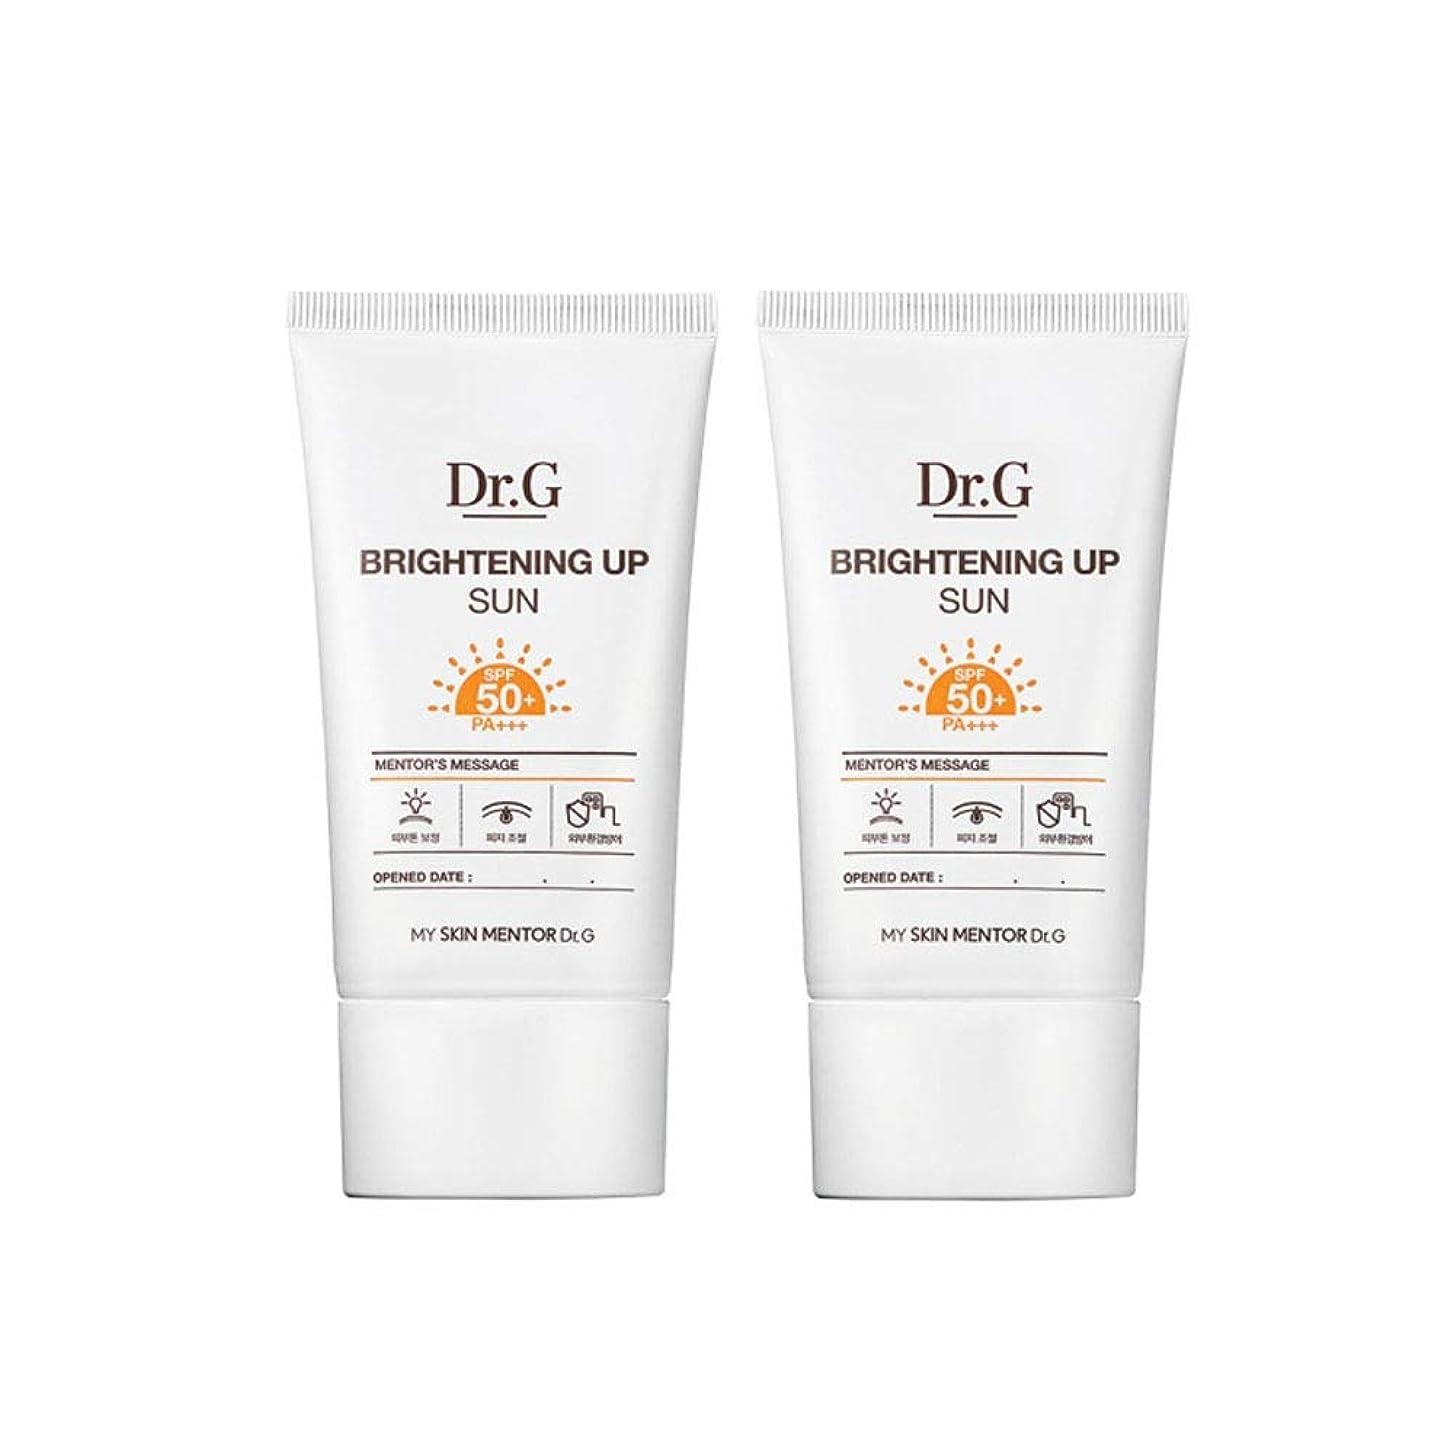 ティーンエイジャー強調媒染剤ドクターGブライトニングアップサンSPF50+ PA+++50ml x2本セットサンクリーム、Dr.G Brightening Up Sun SPF50+ PA+++ 50ml x 2ea Set Sun Cream [並行輸入品]